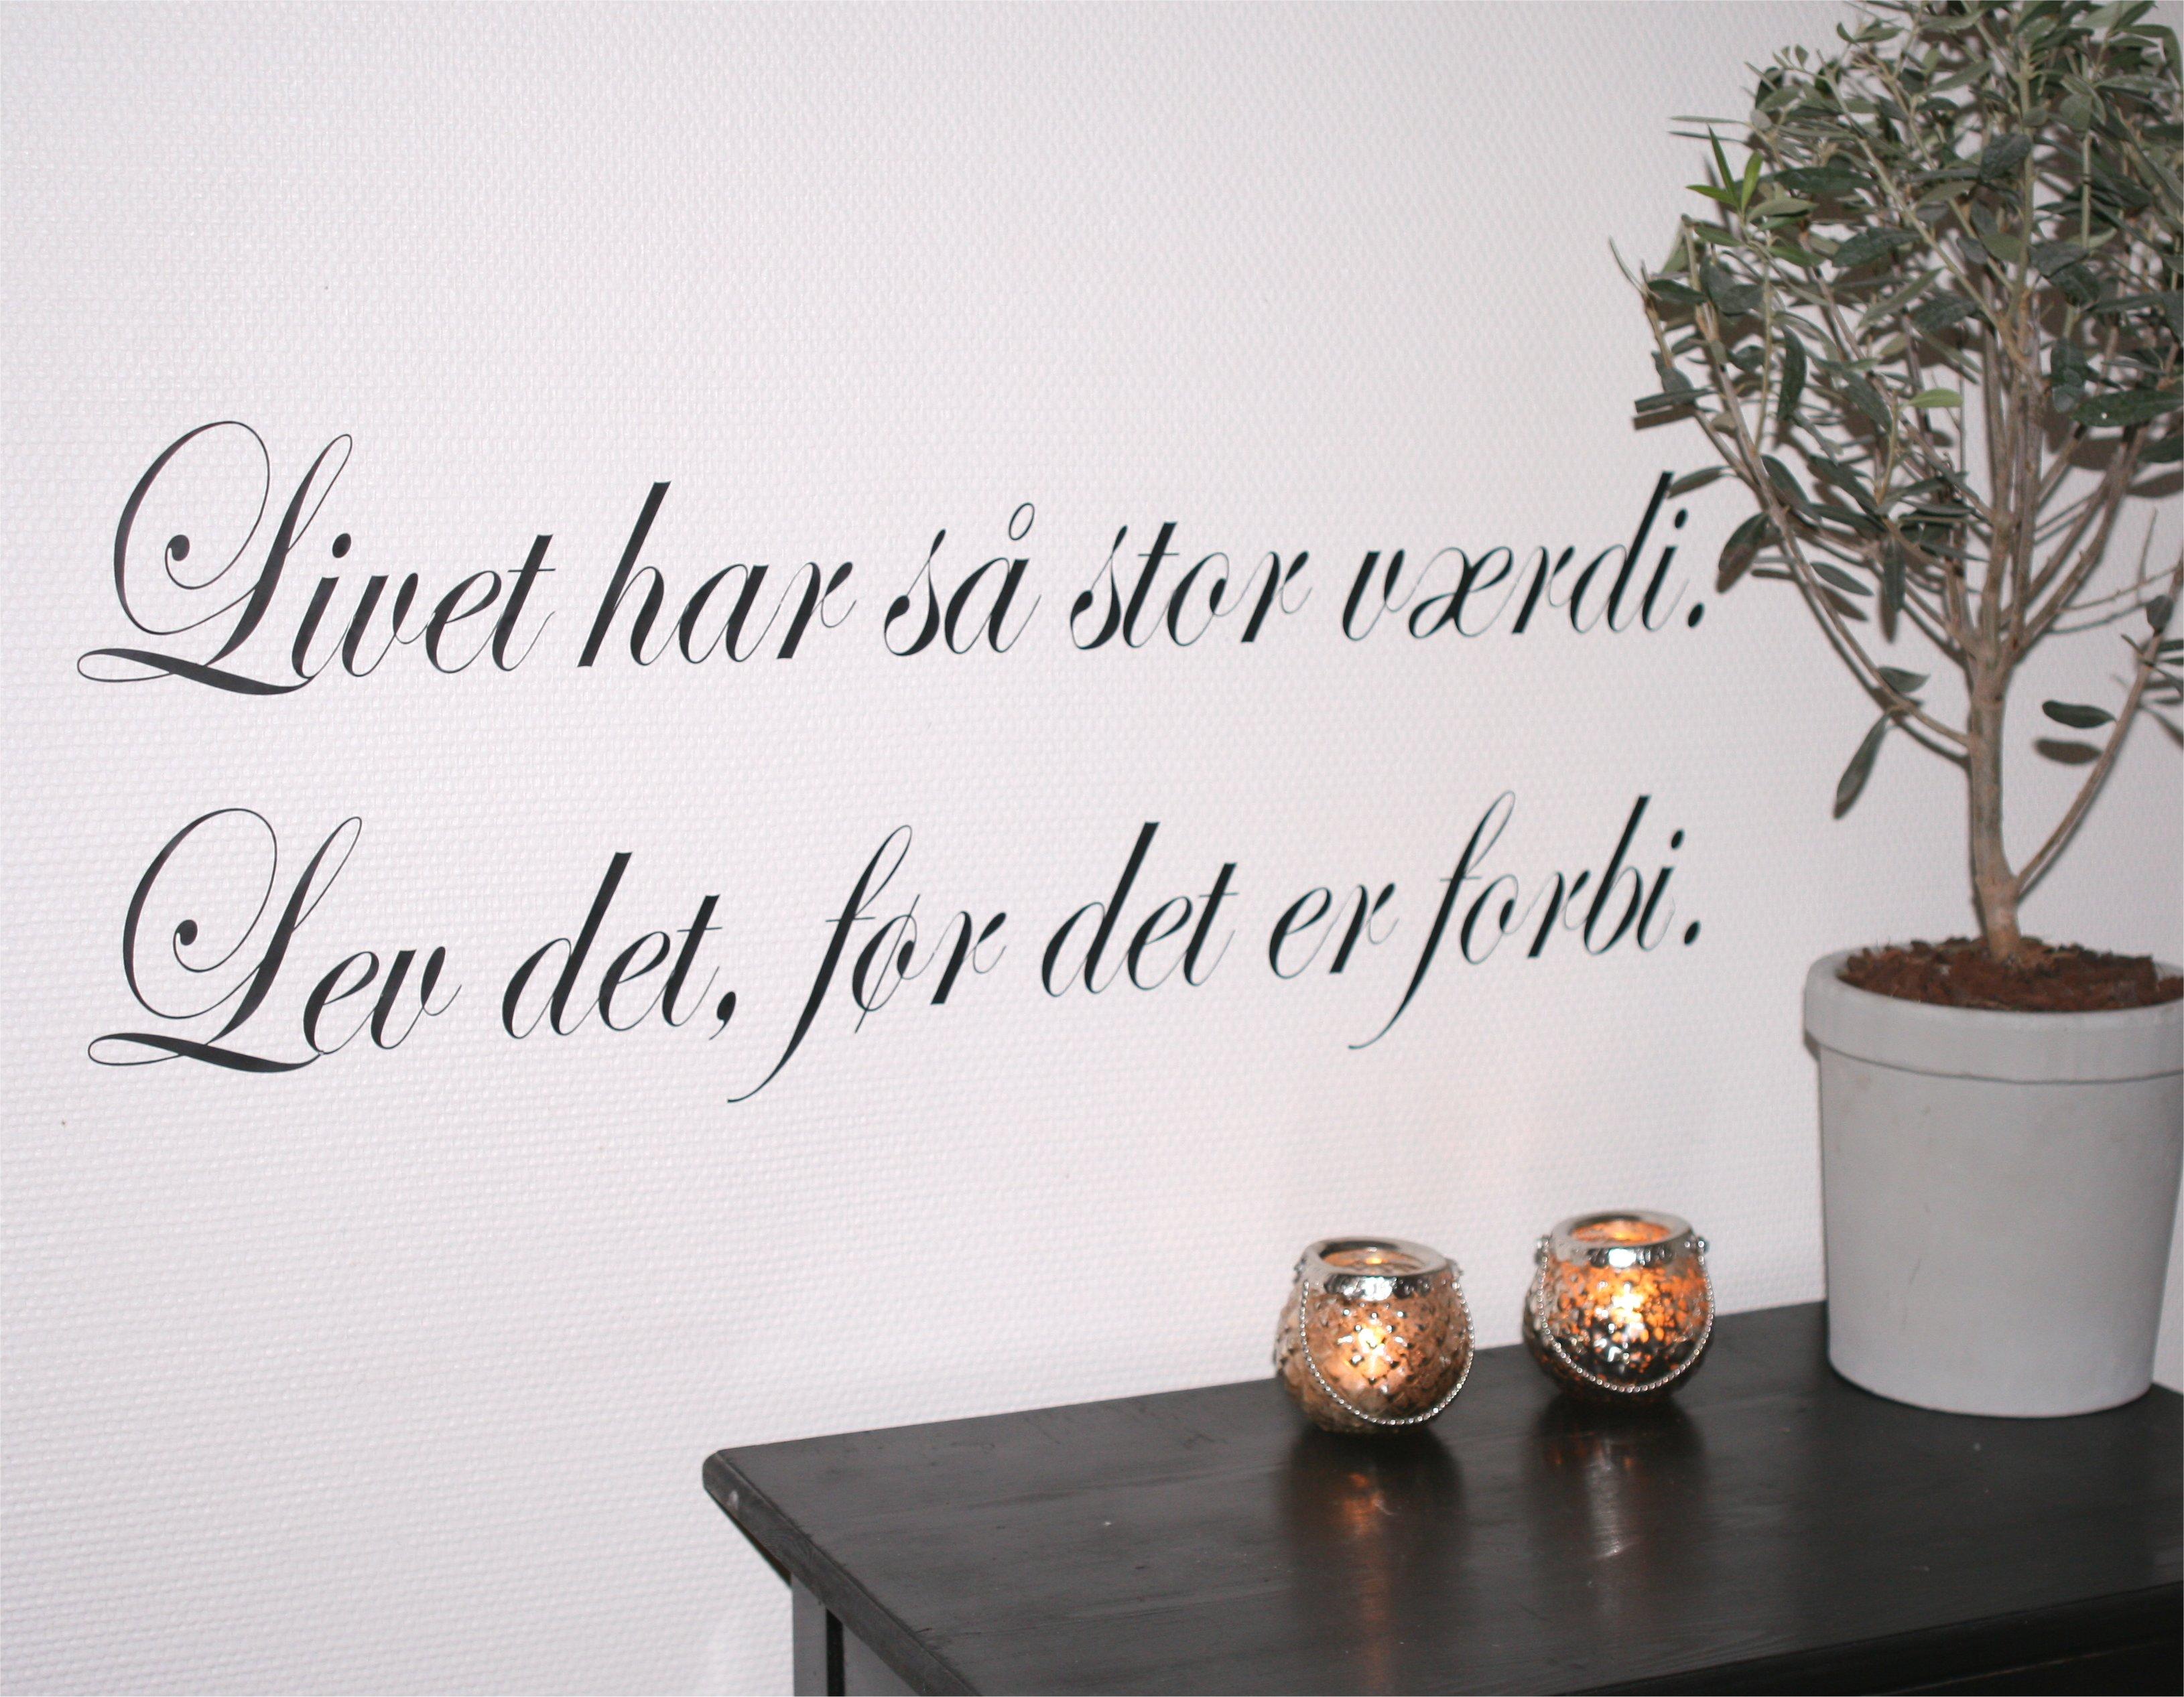 citater om livets træ Wallsticker   livet har så stor værdi | Tapet og Kunst citater om livets træ